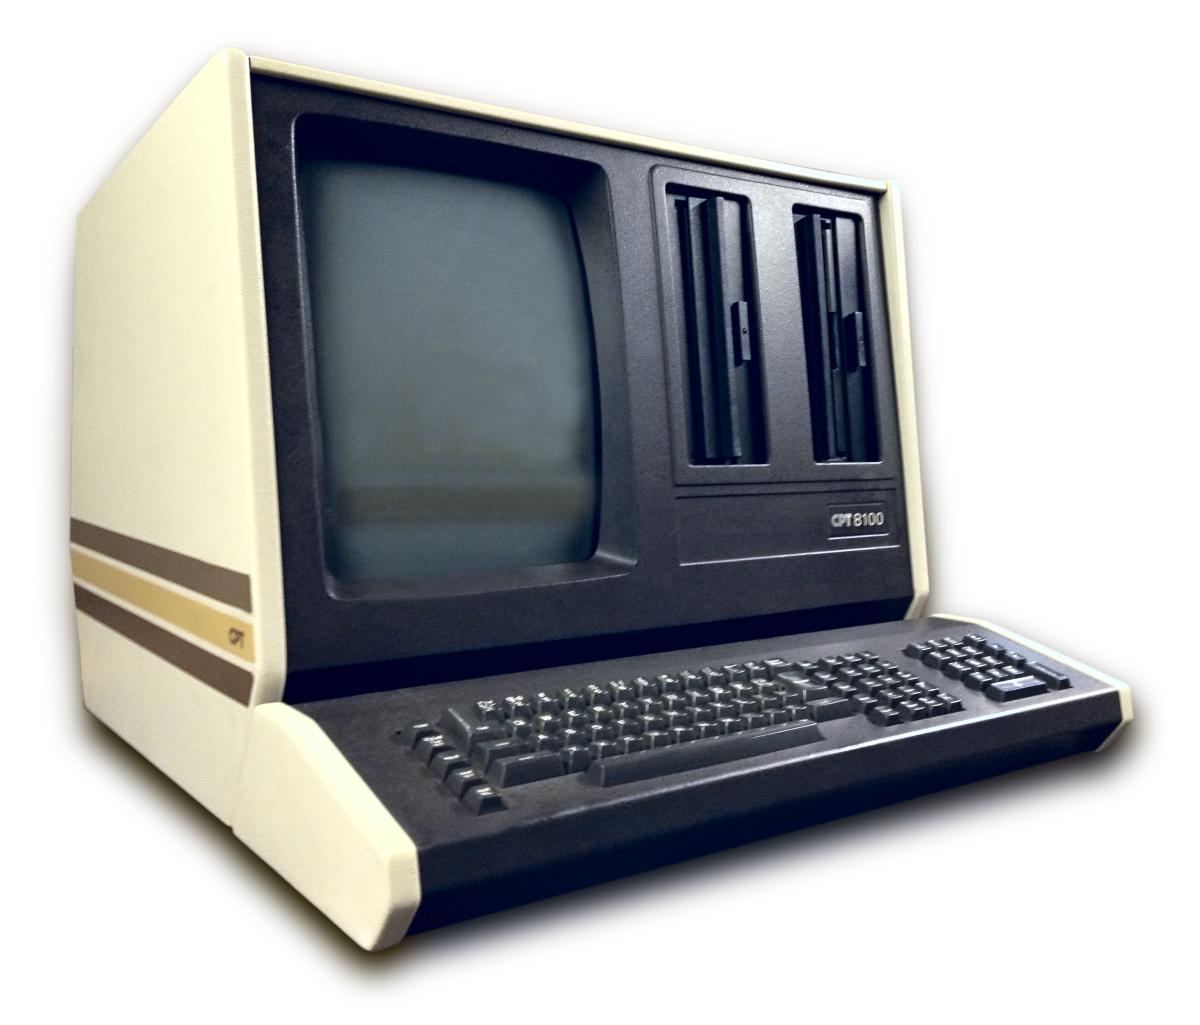 Word Processor Desktop Microcomputer